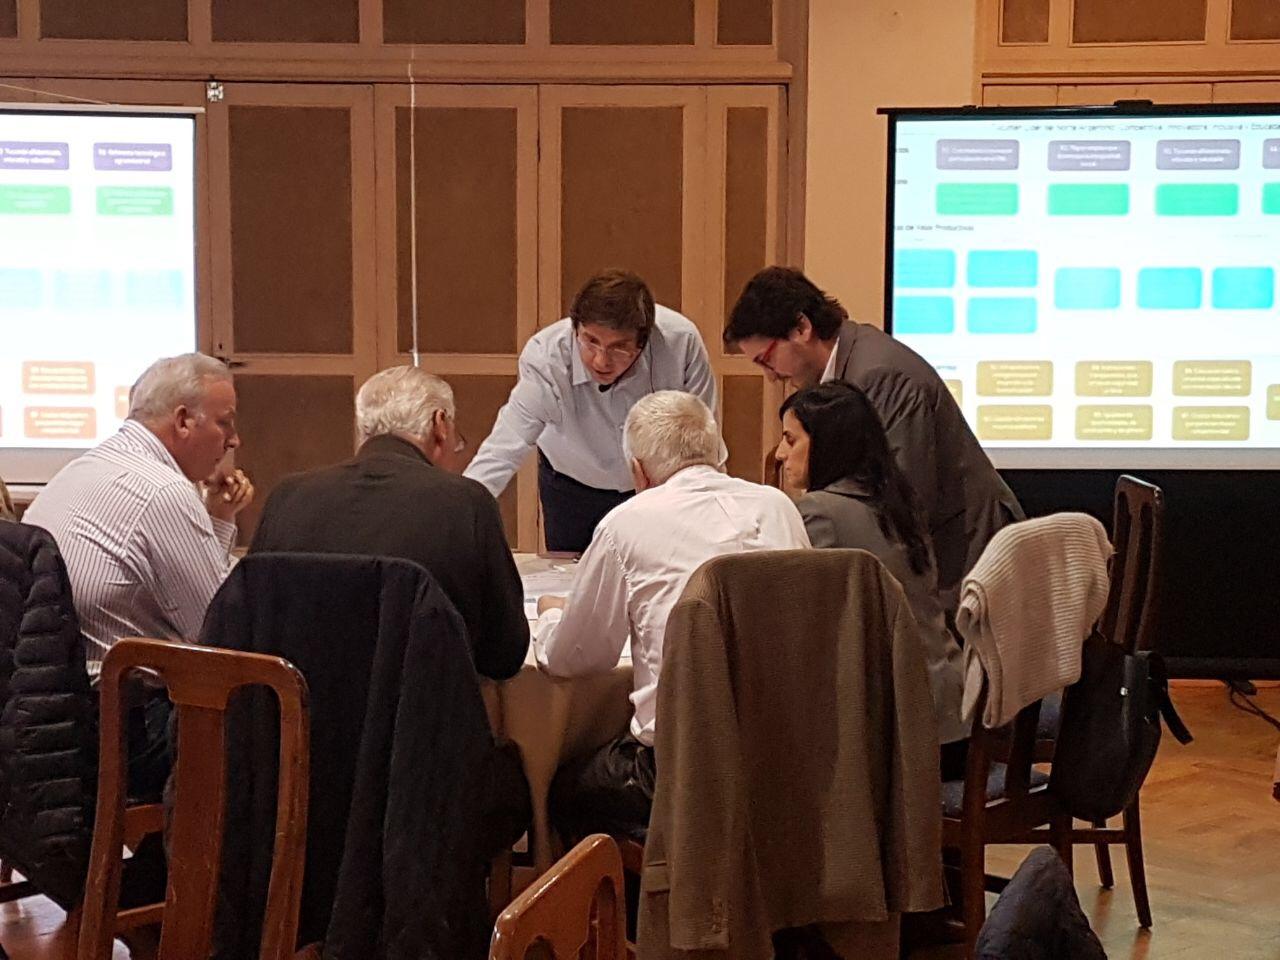 Lanzamos Impulso Norte: Un movimiento abierto y participativo que promueve activamente una gestión estratégica de la provincia de Tucumán, Argentina.